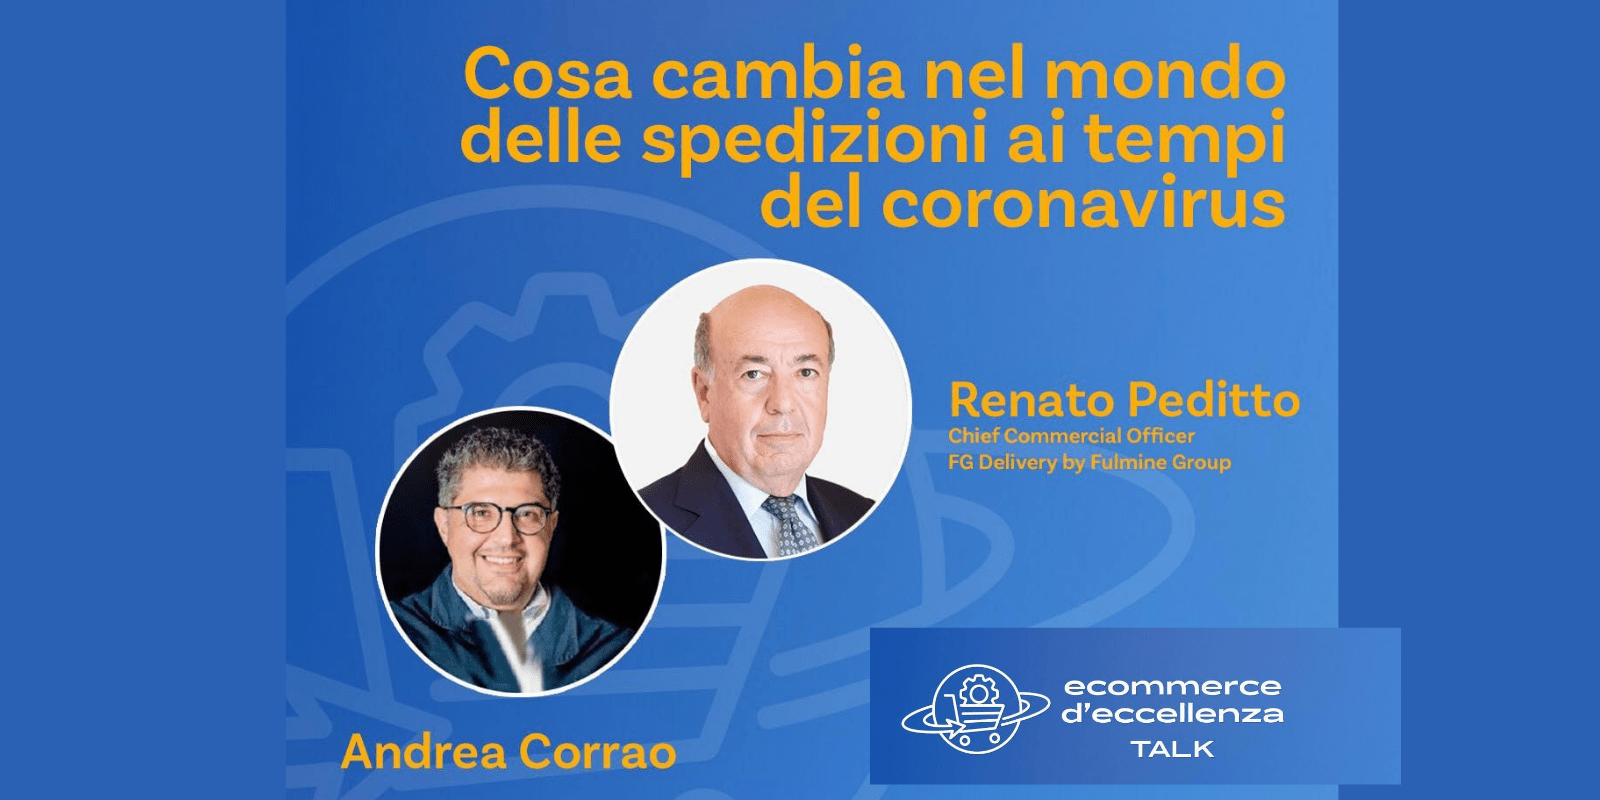 Renato Peditto Partecipa Al Talk Ecommerce D'Eccellenza